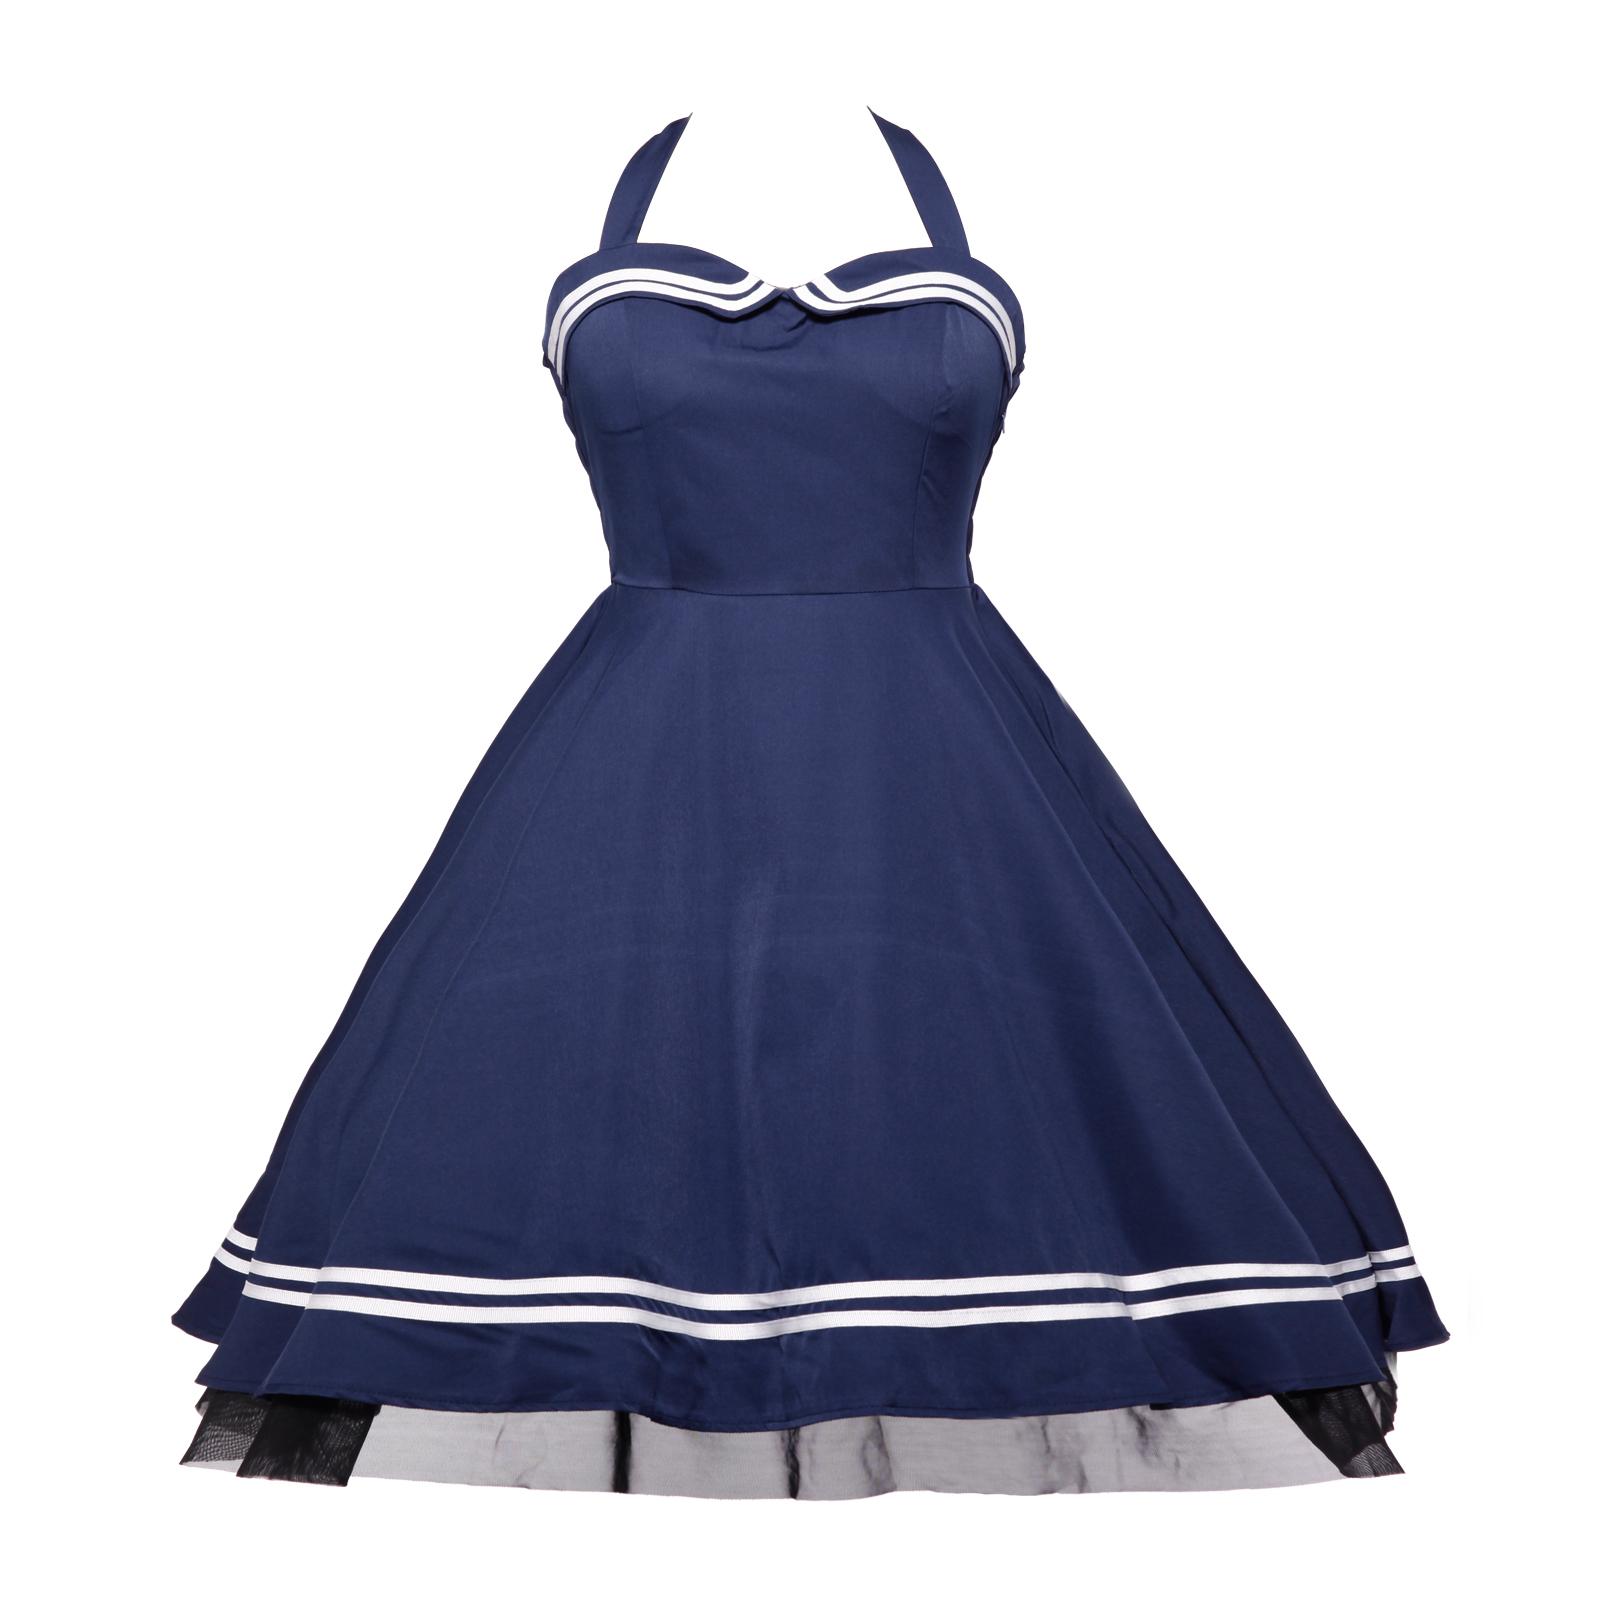 rockabilly 50er jahre kleid petticoat polka dot abendkleid. Black Bedroom Furniture Sets. Home Design Ideas